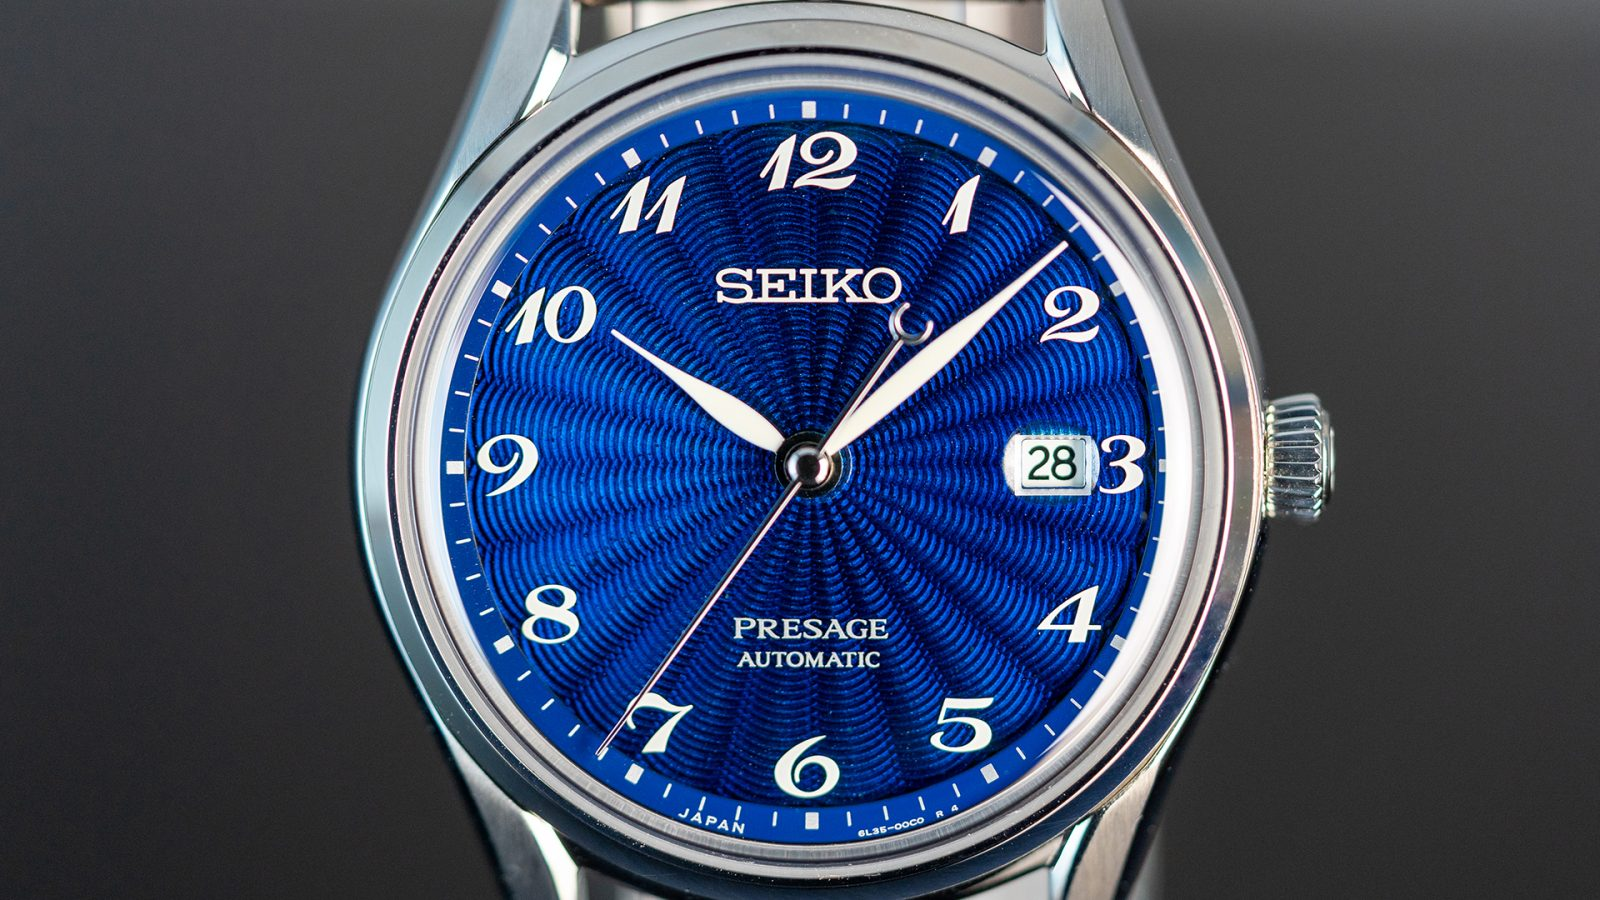 Seiko Presage SJE079